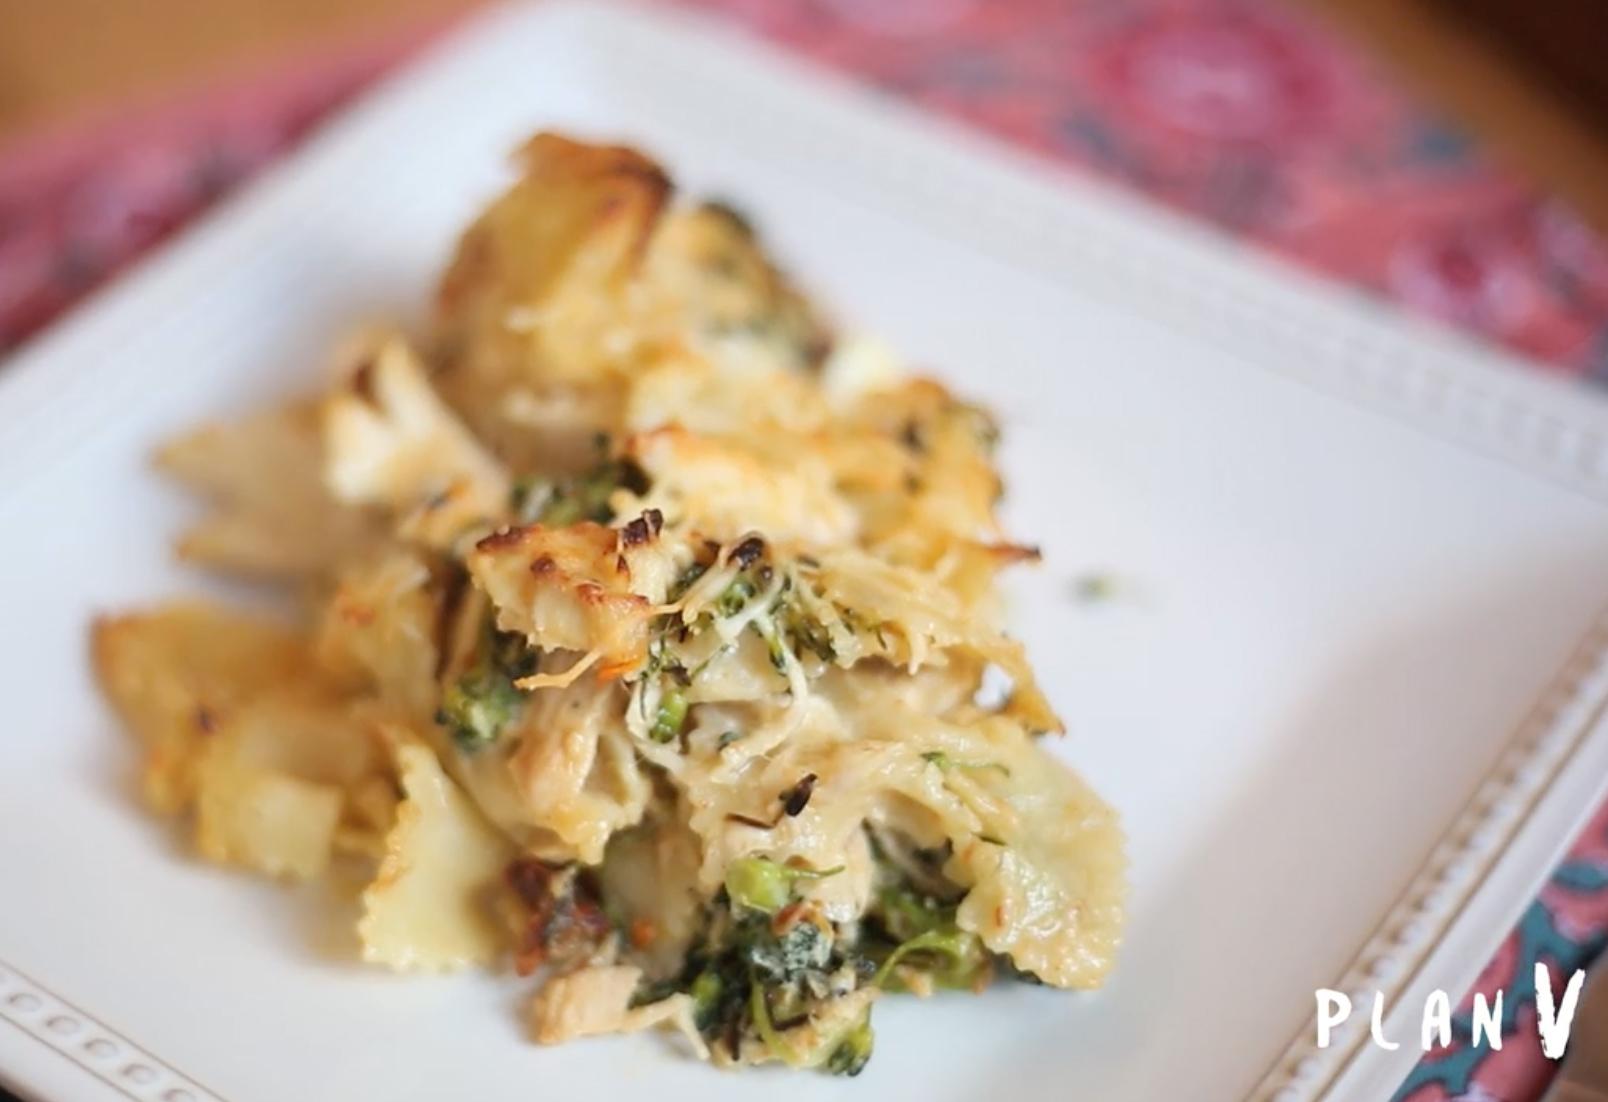 Corbatitas al horno con pollo y brócoli